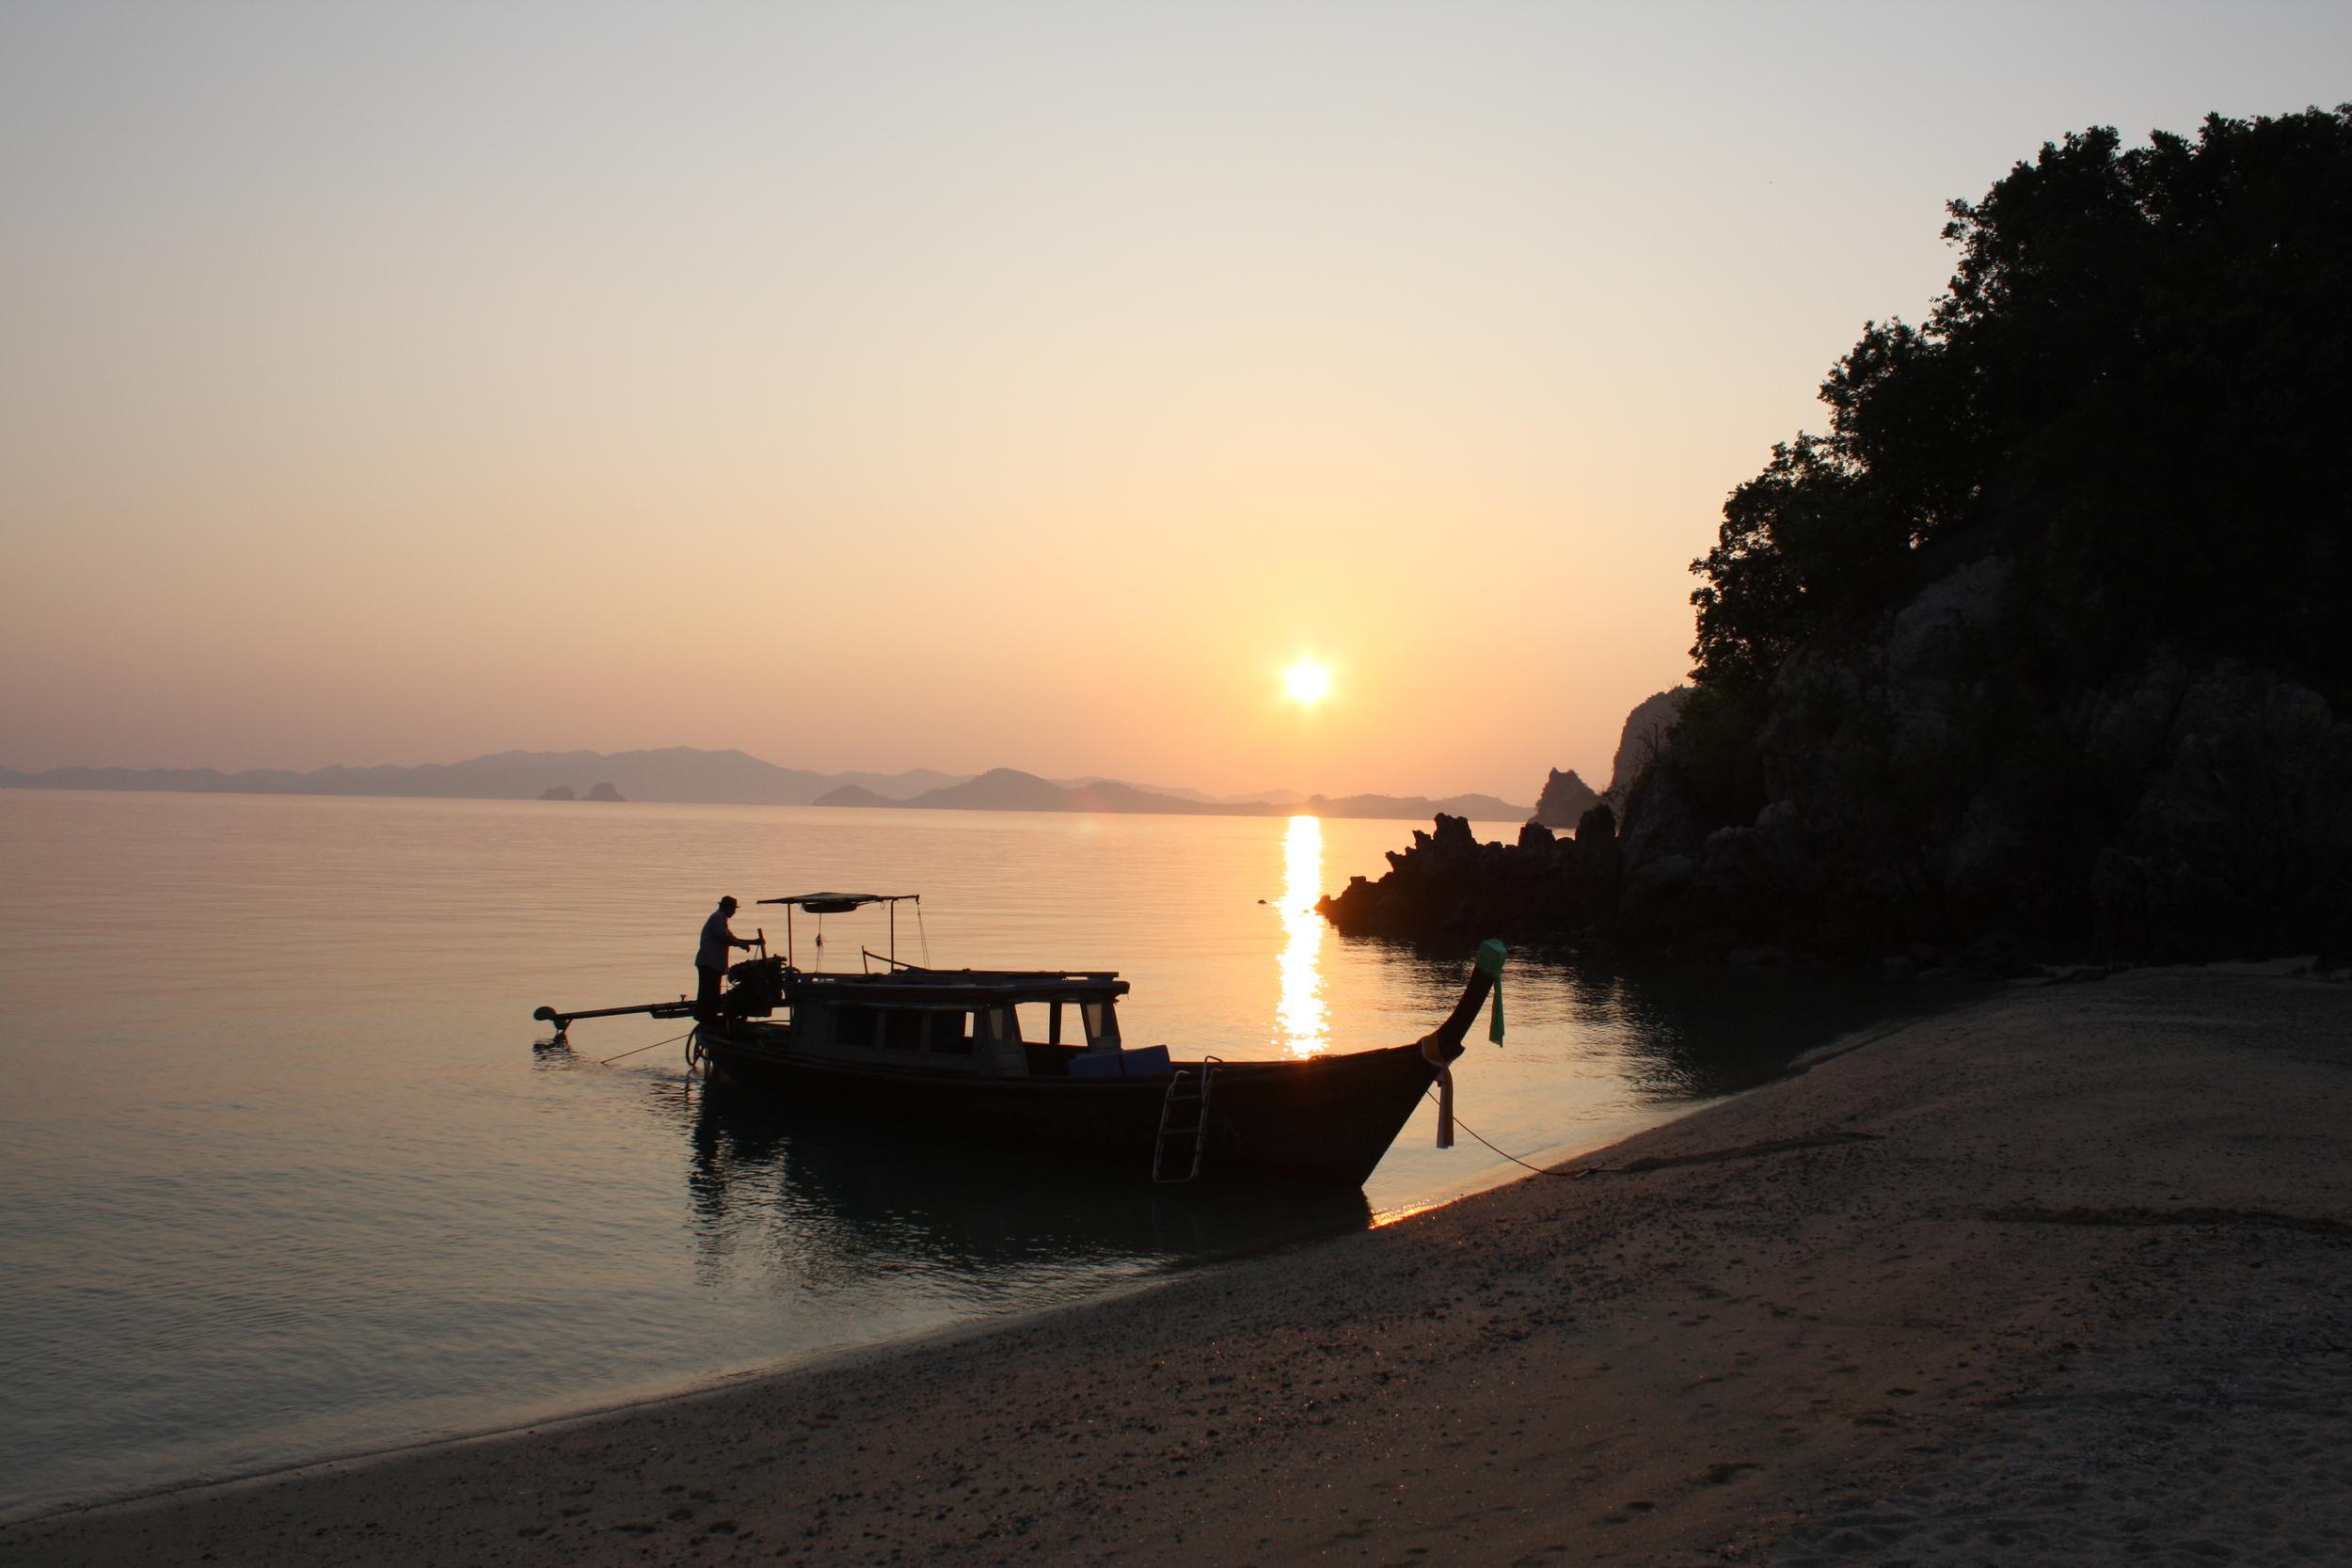 Sunset on islands near Koh Yao Noi